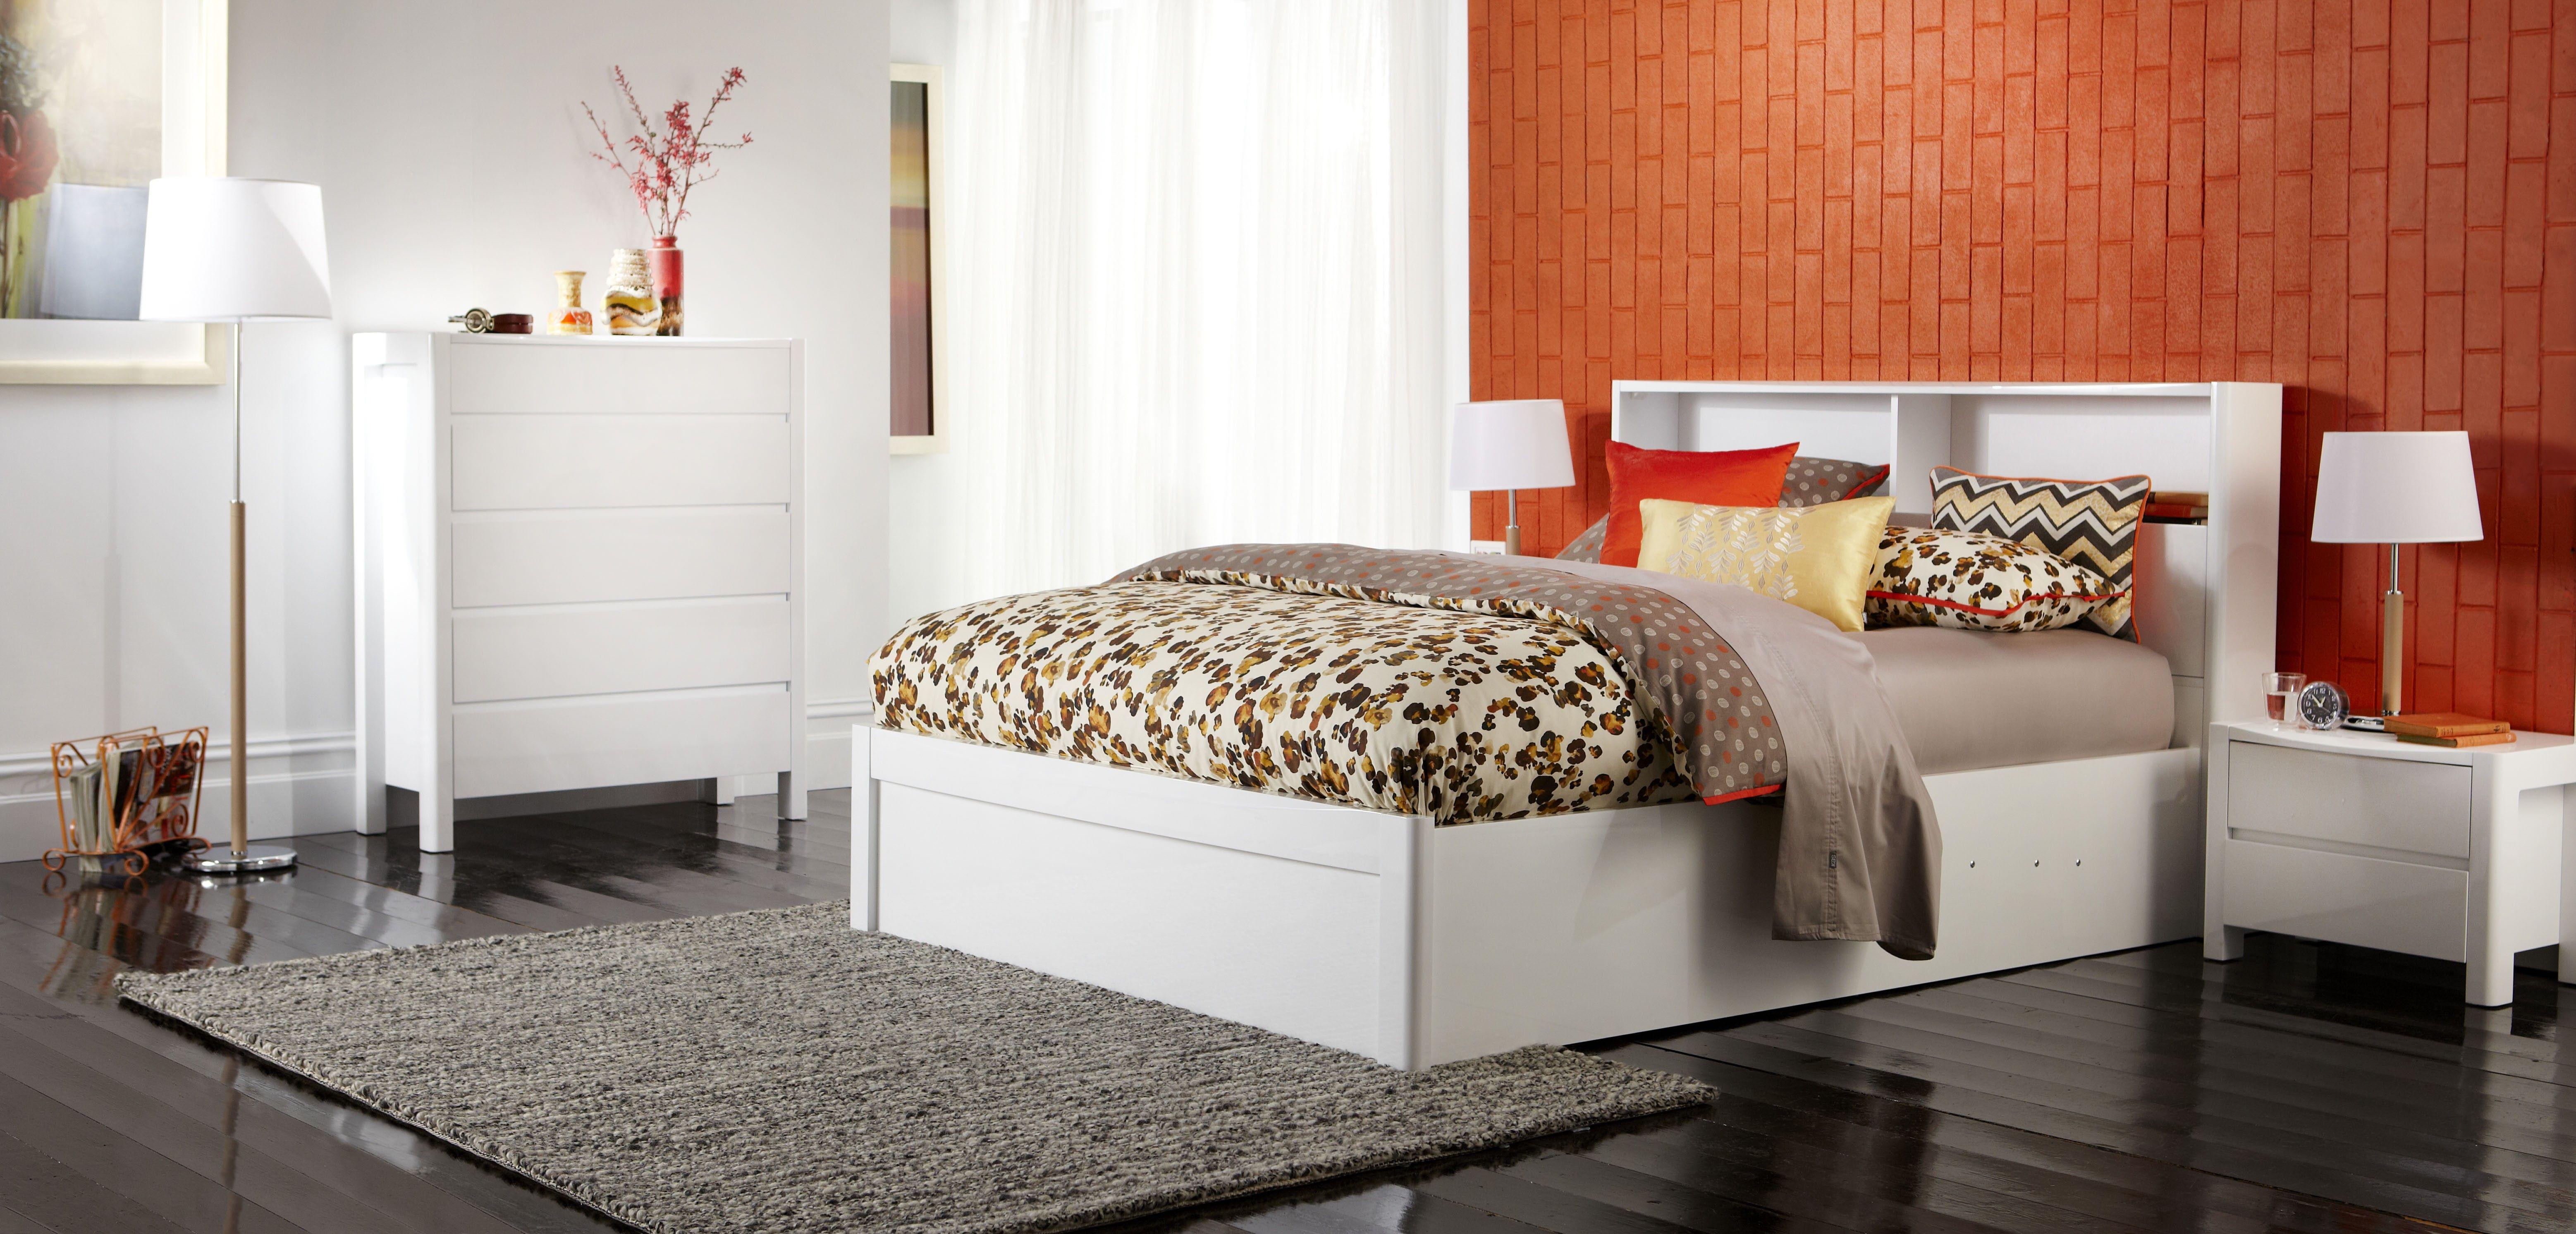 Forty Winks Jamie Dark Wood Grain Childrens Bedroom Furniture